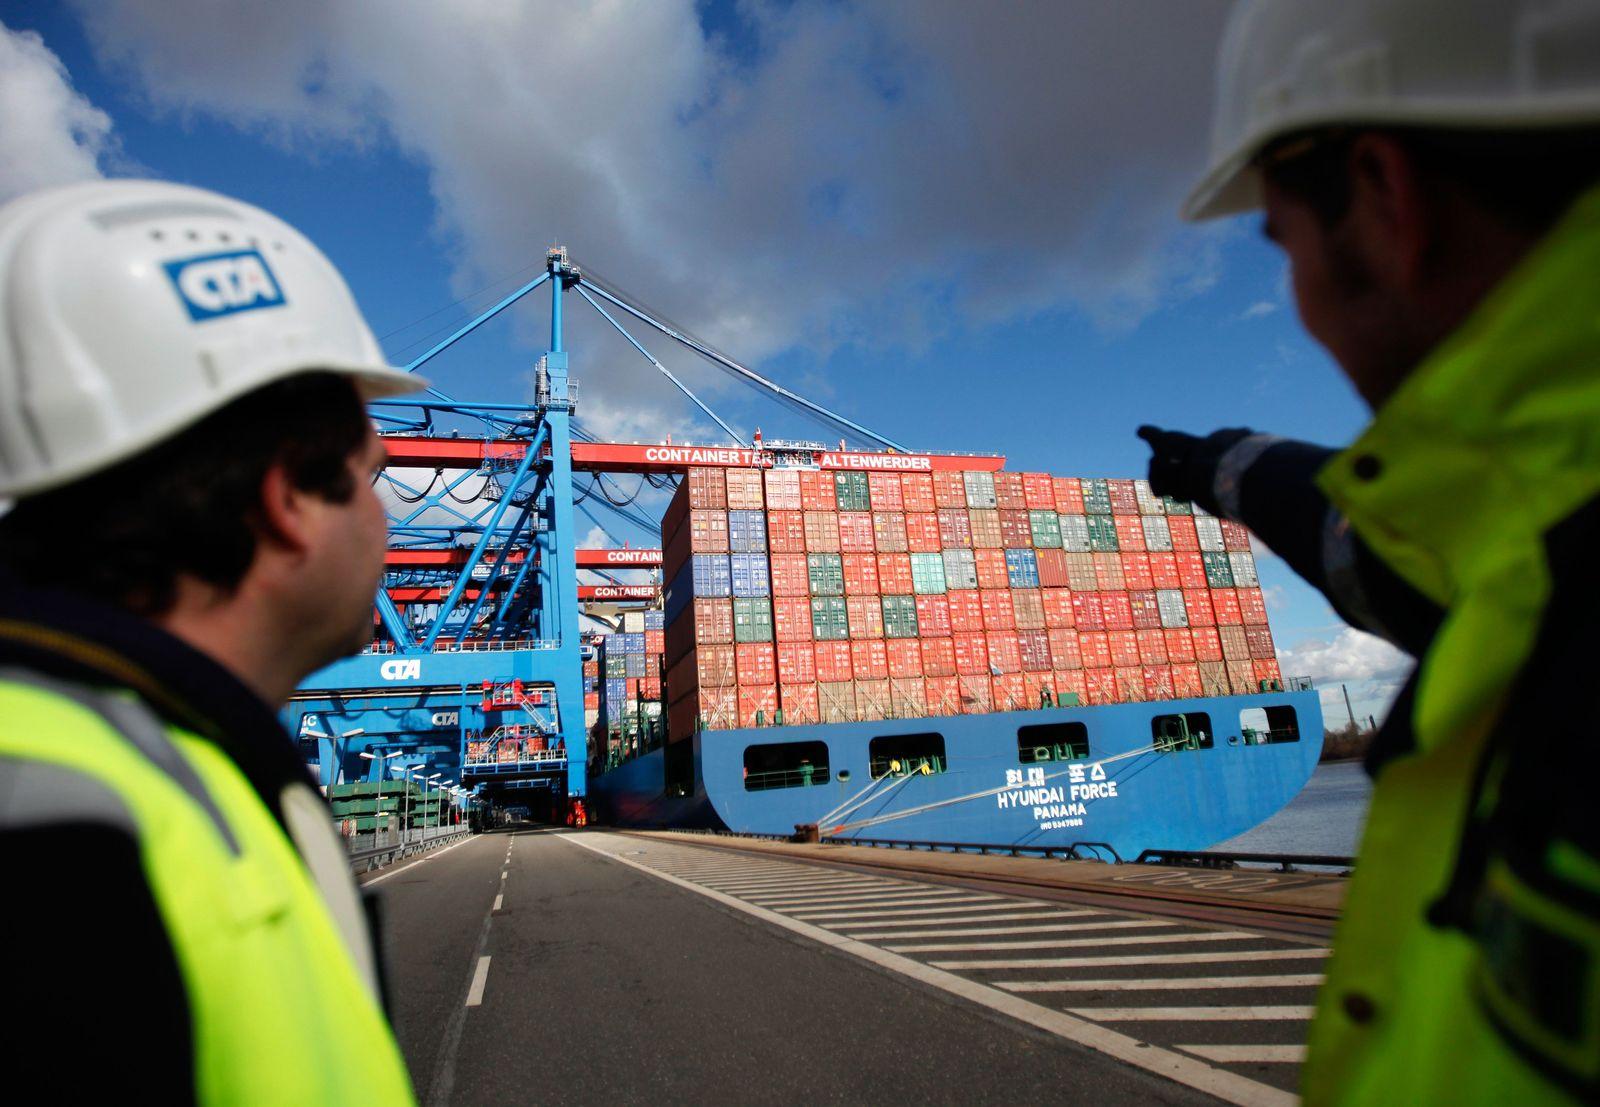 Deutschland / Konjunktur / Export / Import / Globalisierung / Hamburg Hafen / Container